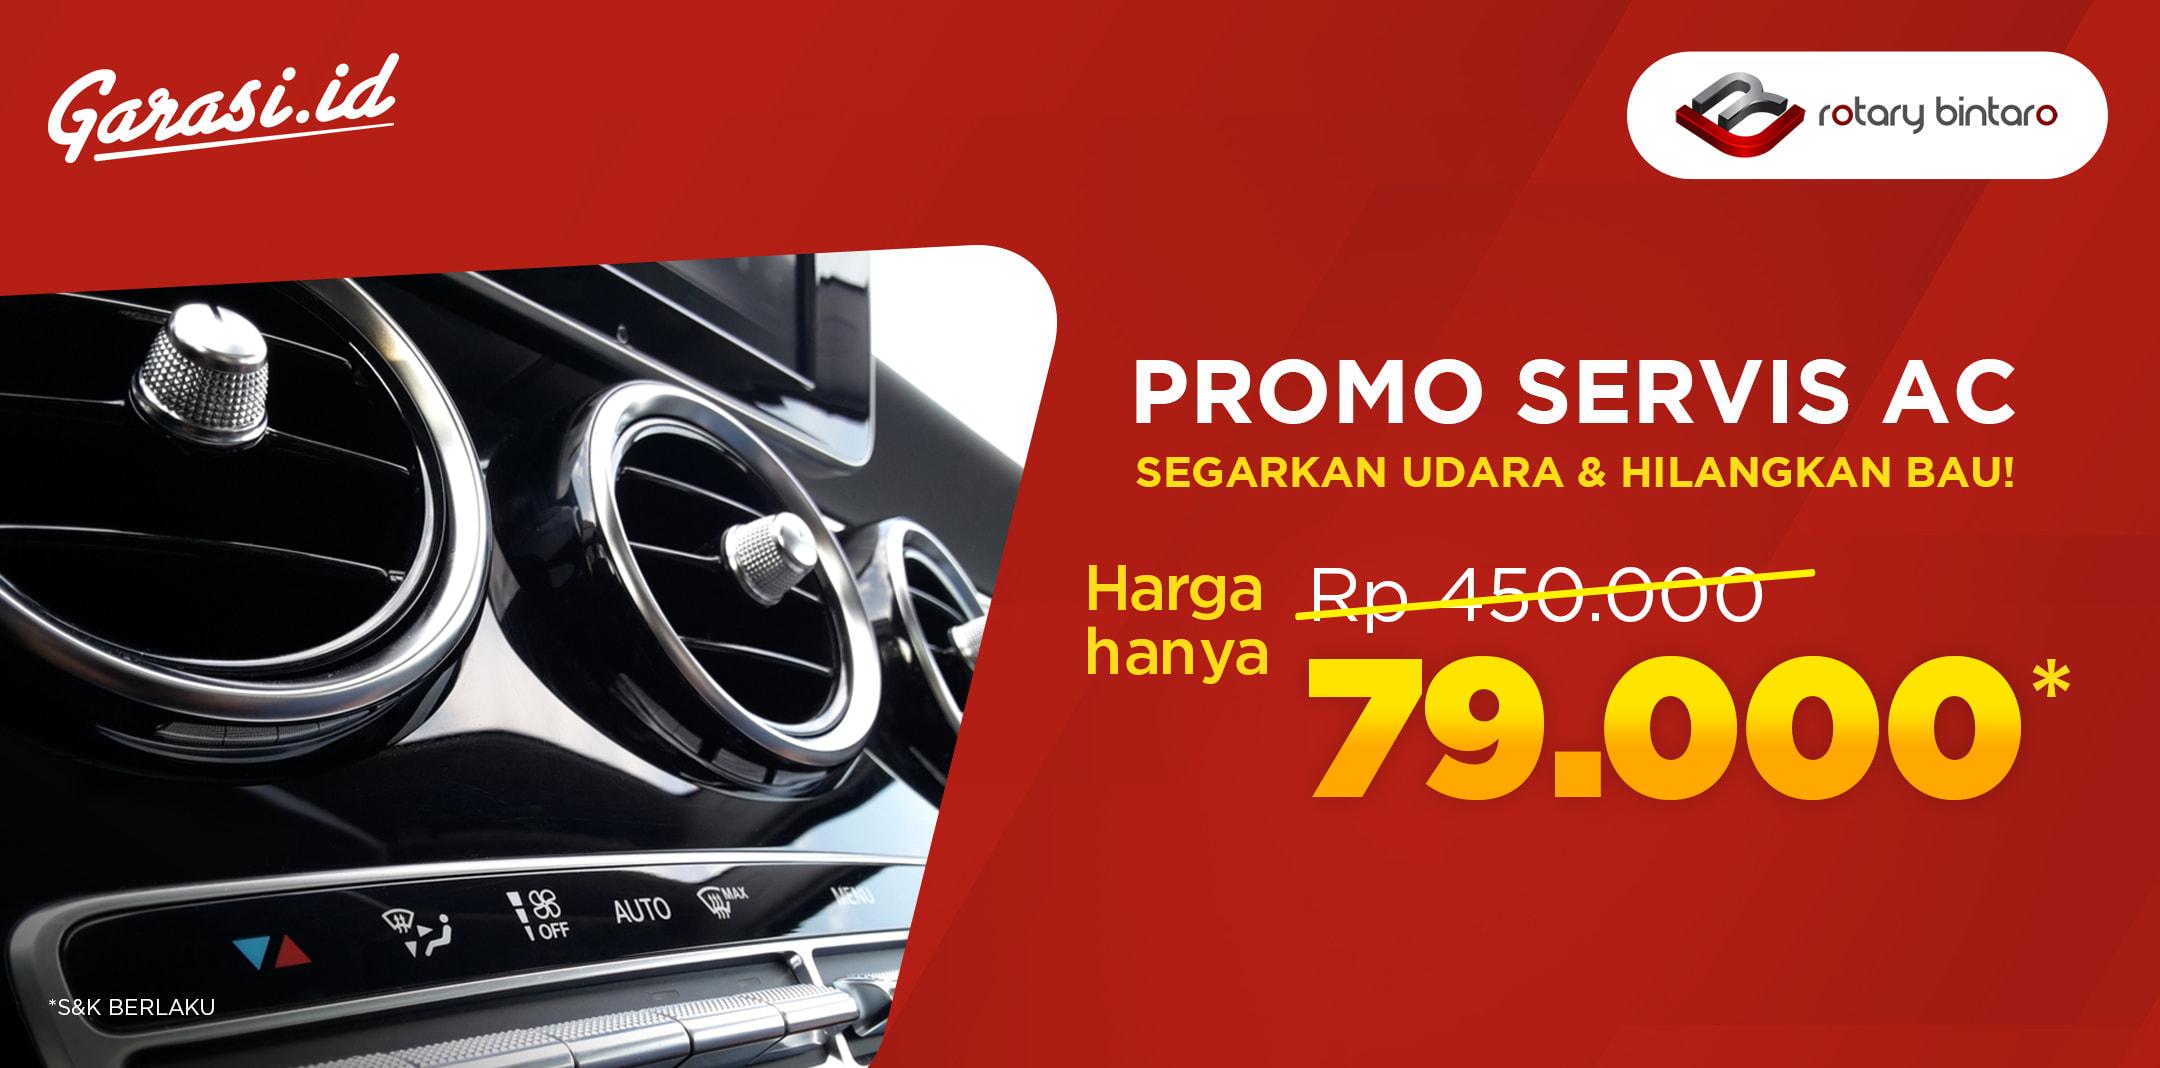 Promo Paket AC di Rotary Bintaro